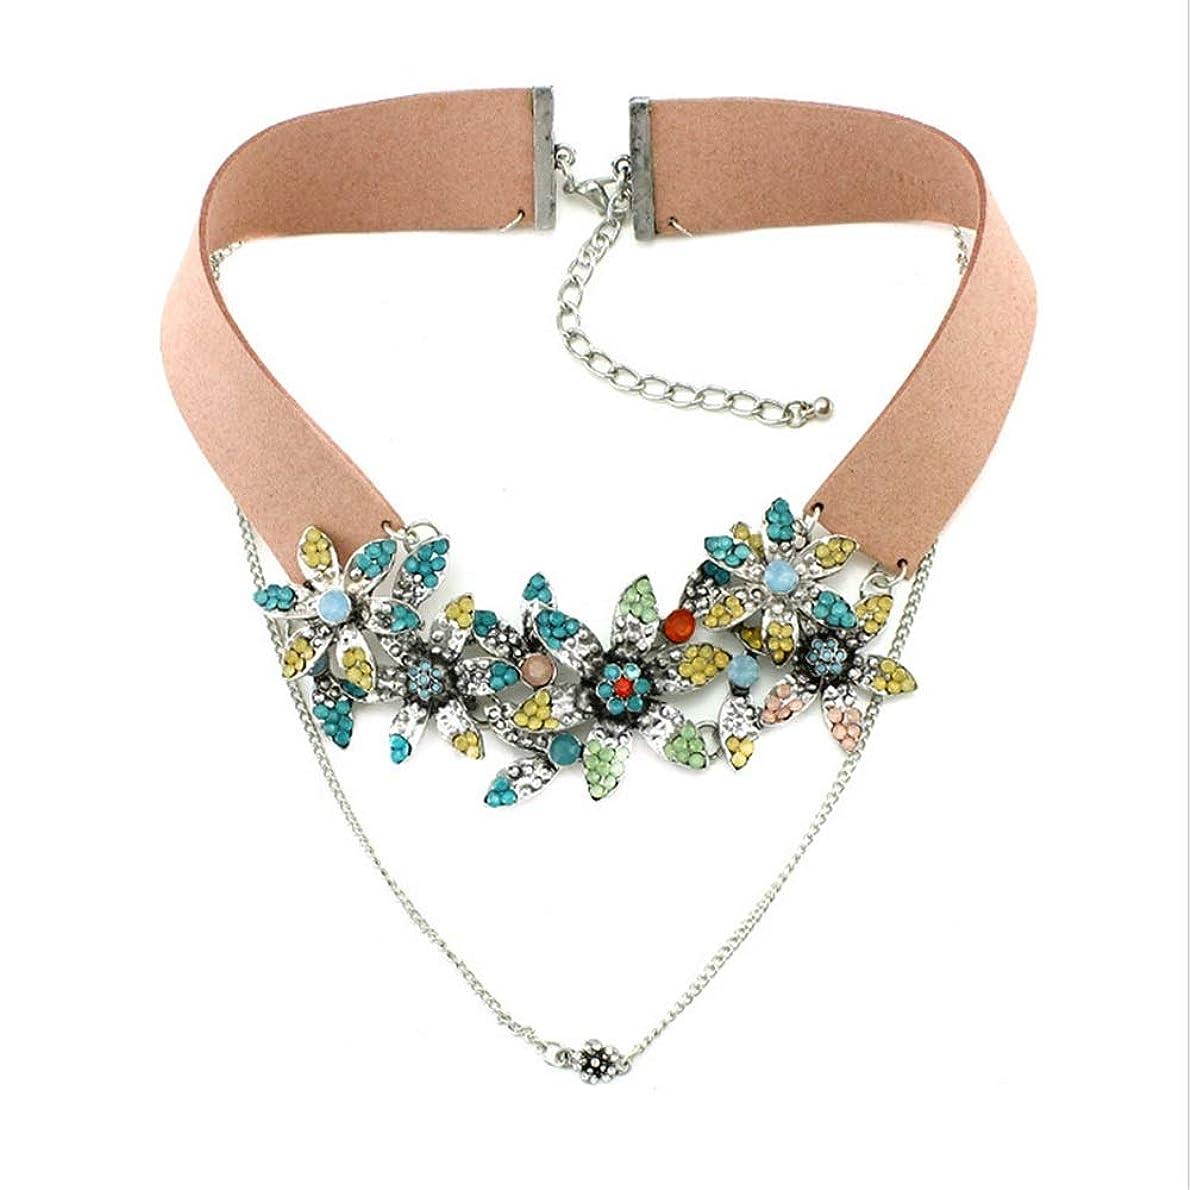 既に脚本家めまいがXF チョーカー ダイヤモンドと誇張された革の首輪多色の花のネックレスペンダントイブニングドレスアクセサリー ジュエリー (色 : Pink)